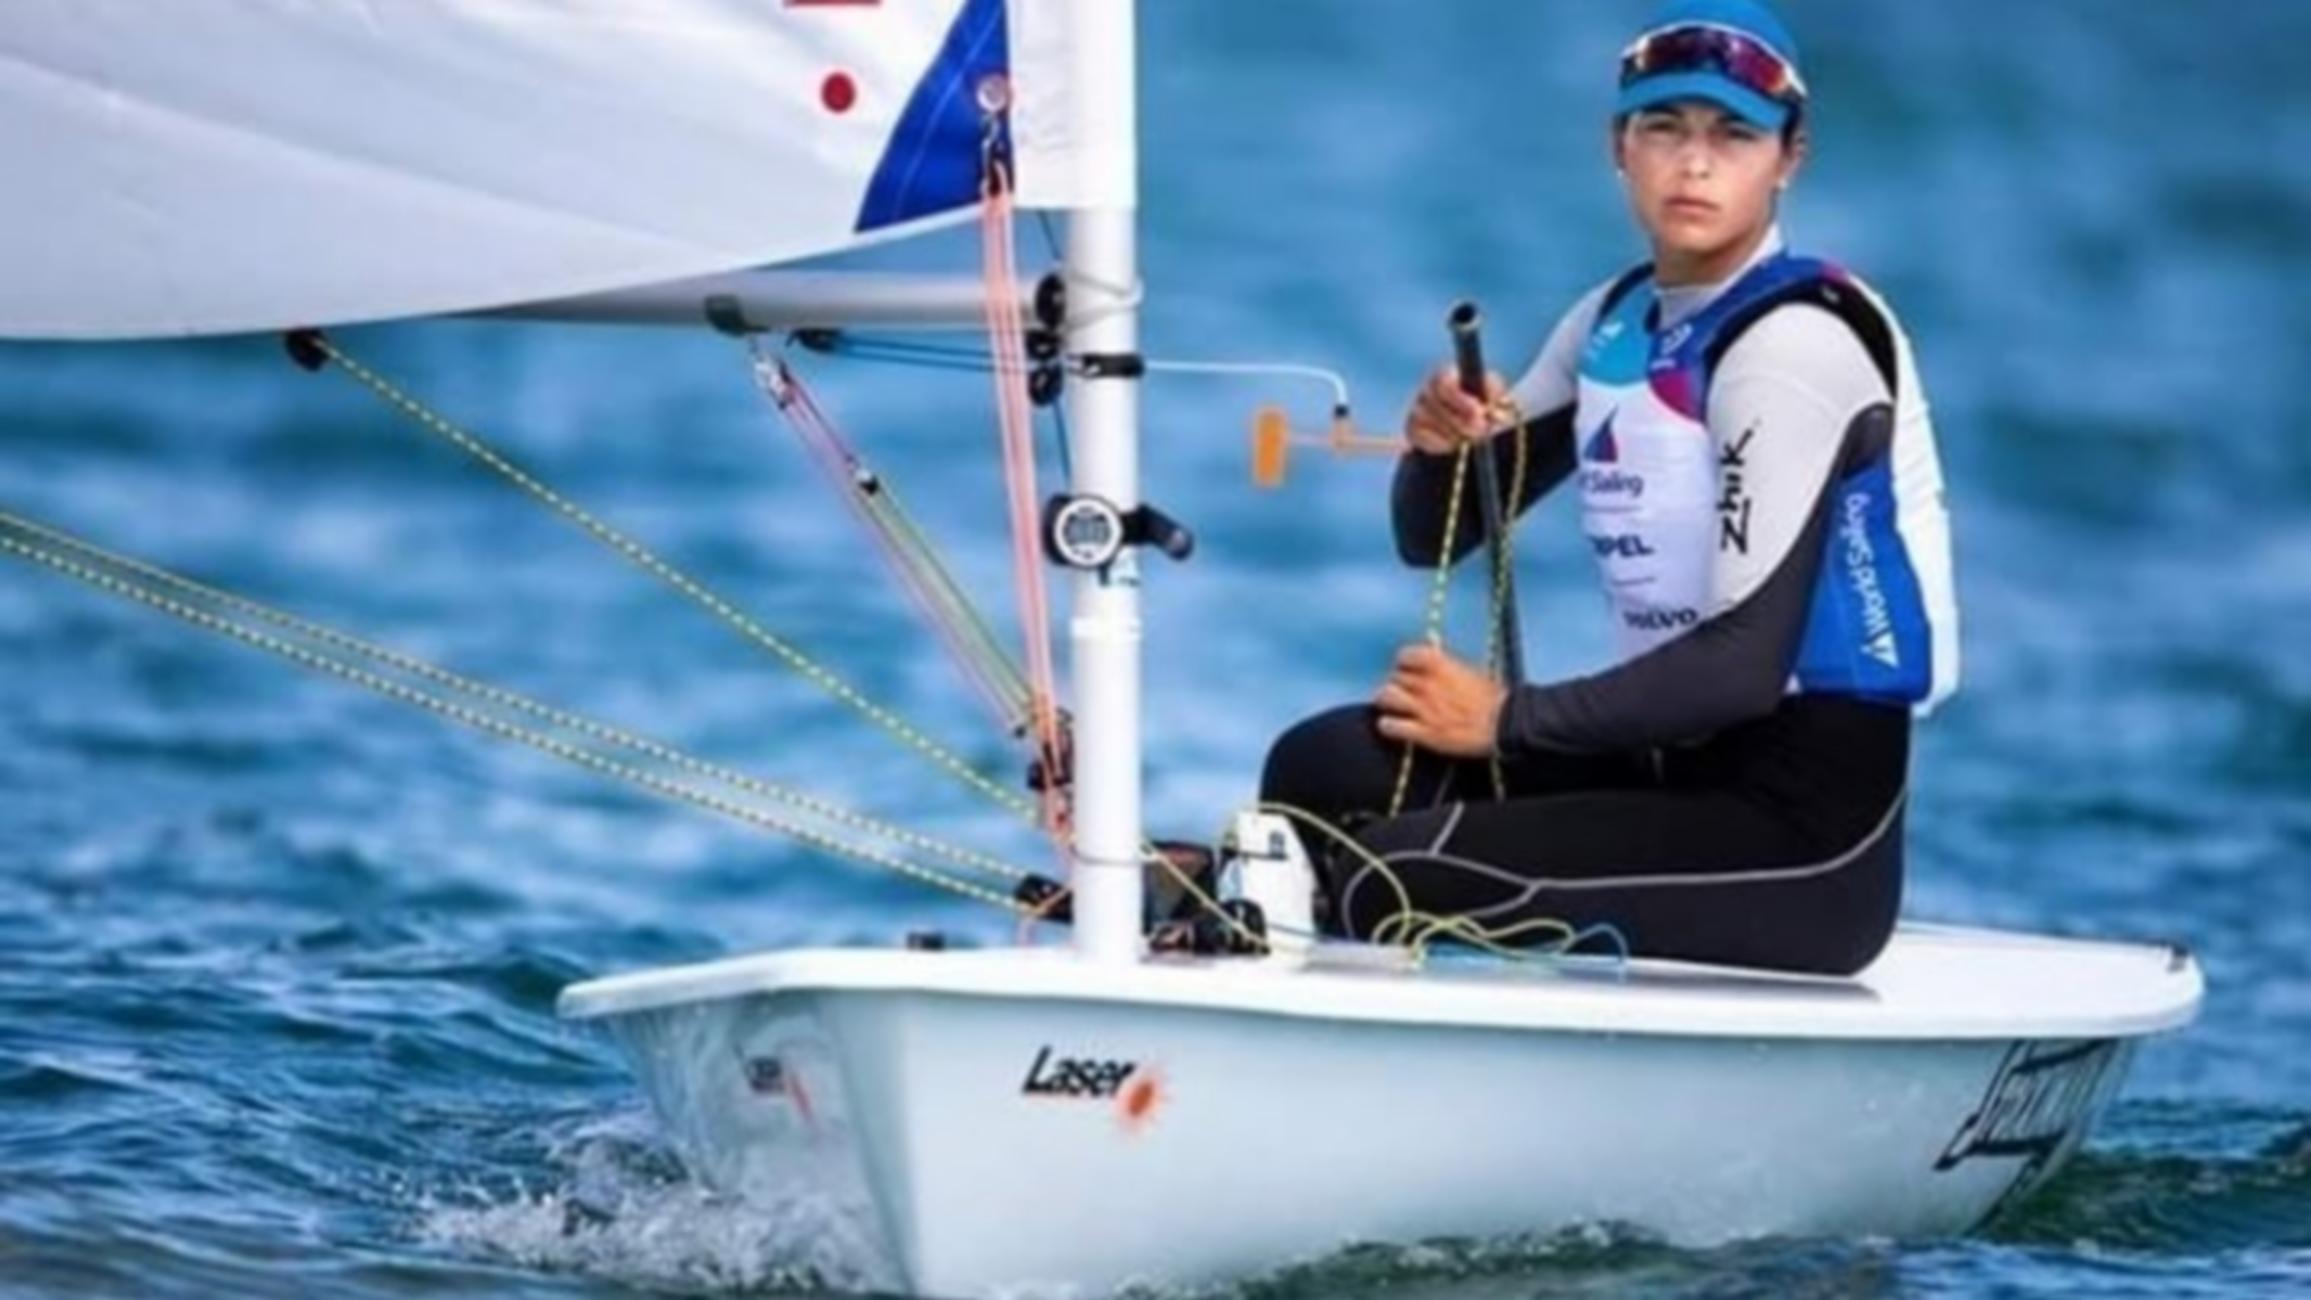 Ολυμπιακοί Αγώνες: Στην κούρσα των μεταλλίων η Καραχάλιου